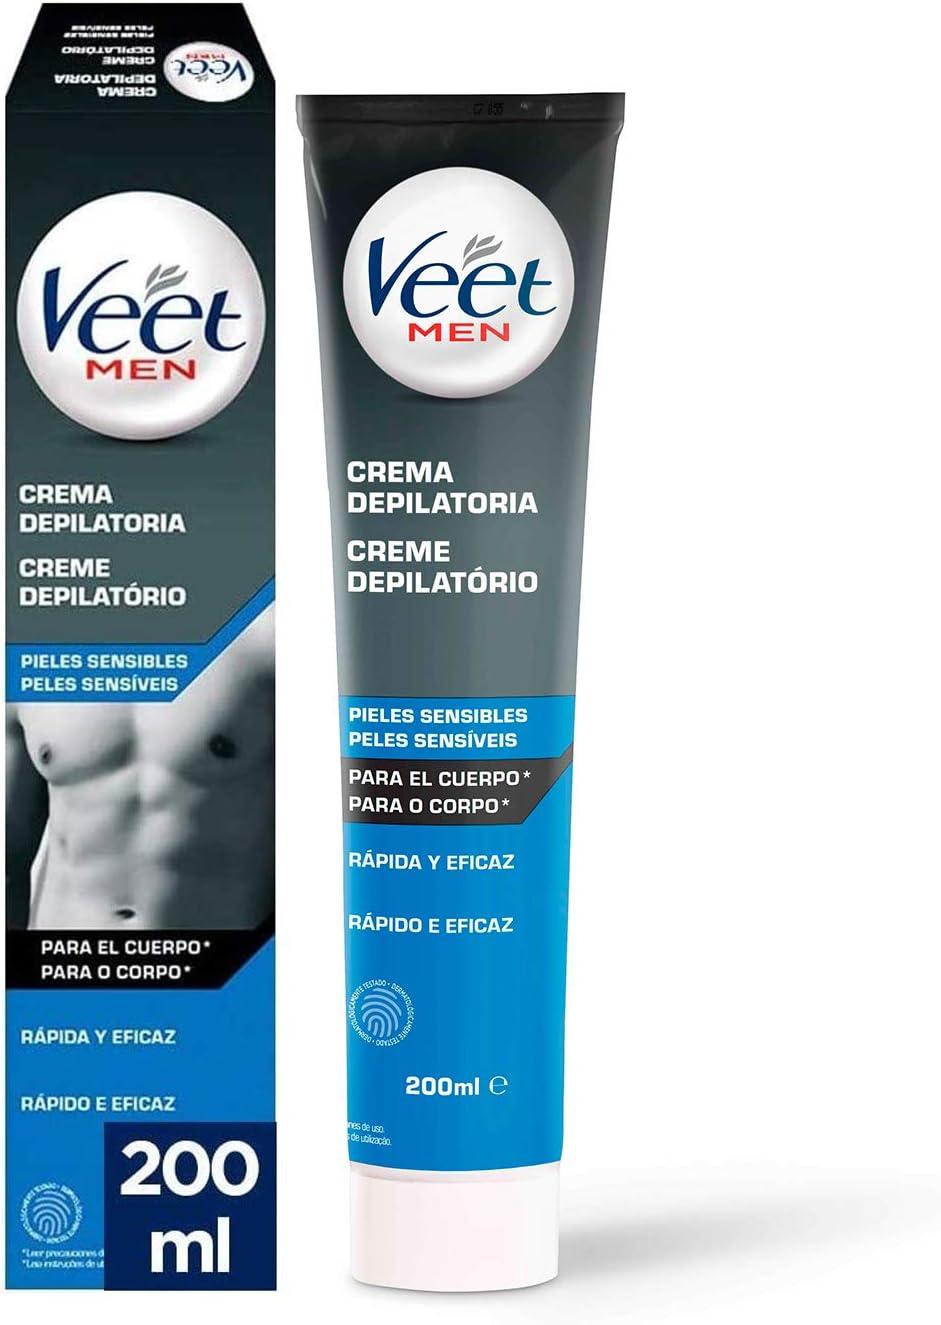 Veet for Men Crema Depilatoria para hombre - Piel Sensible 200 ml: Amazon.es: Salud y cuidado personal